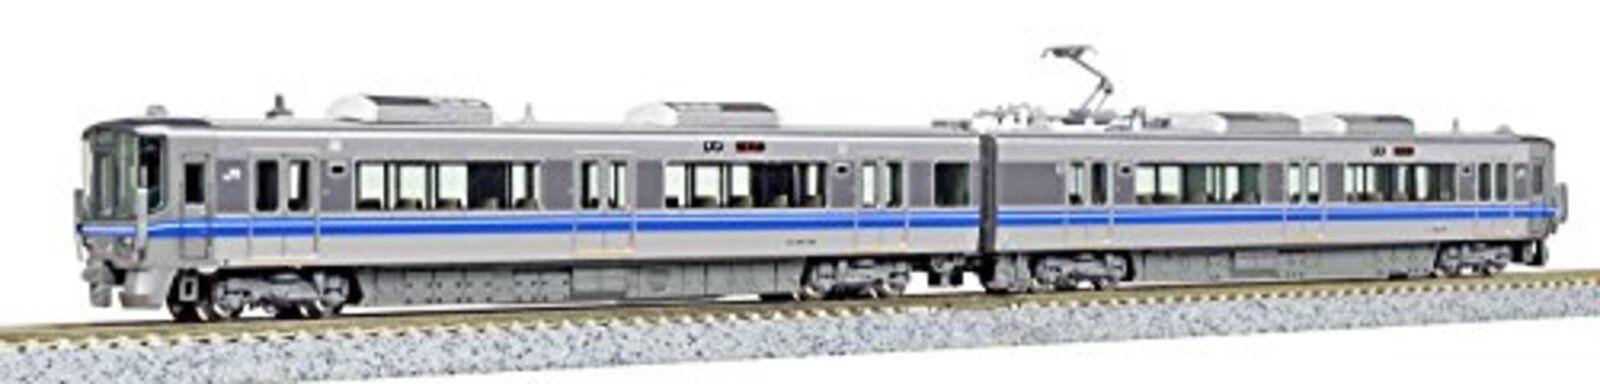 Kato Escala N 521 Serie Secundario Coche 2-car Set 10-1395 Tren Modelo F S W